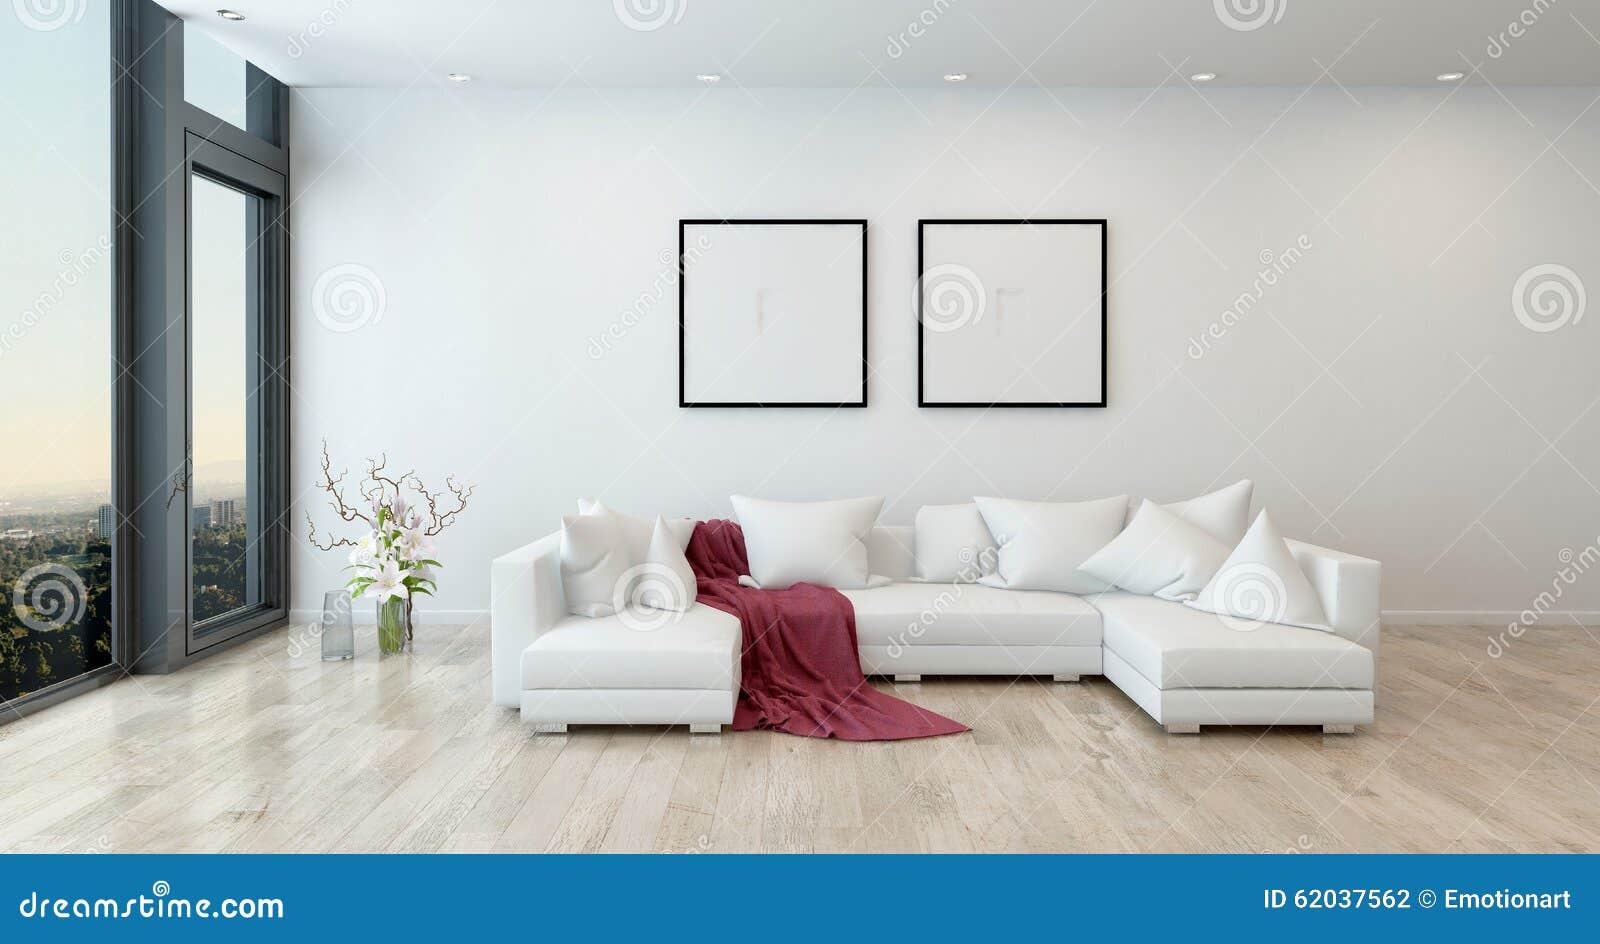 Jet rouge sur le sofa blanc dans le salon moderne